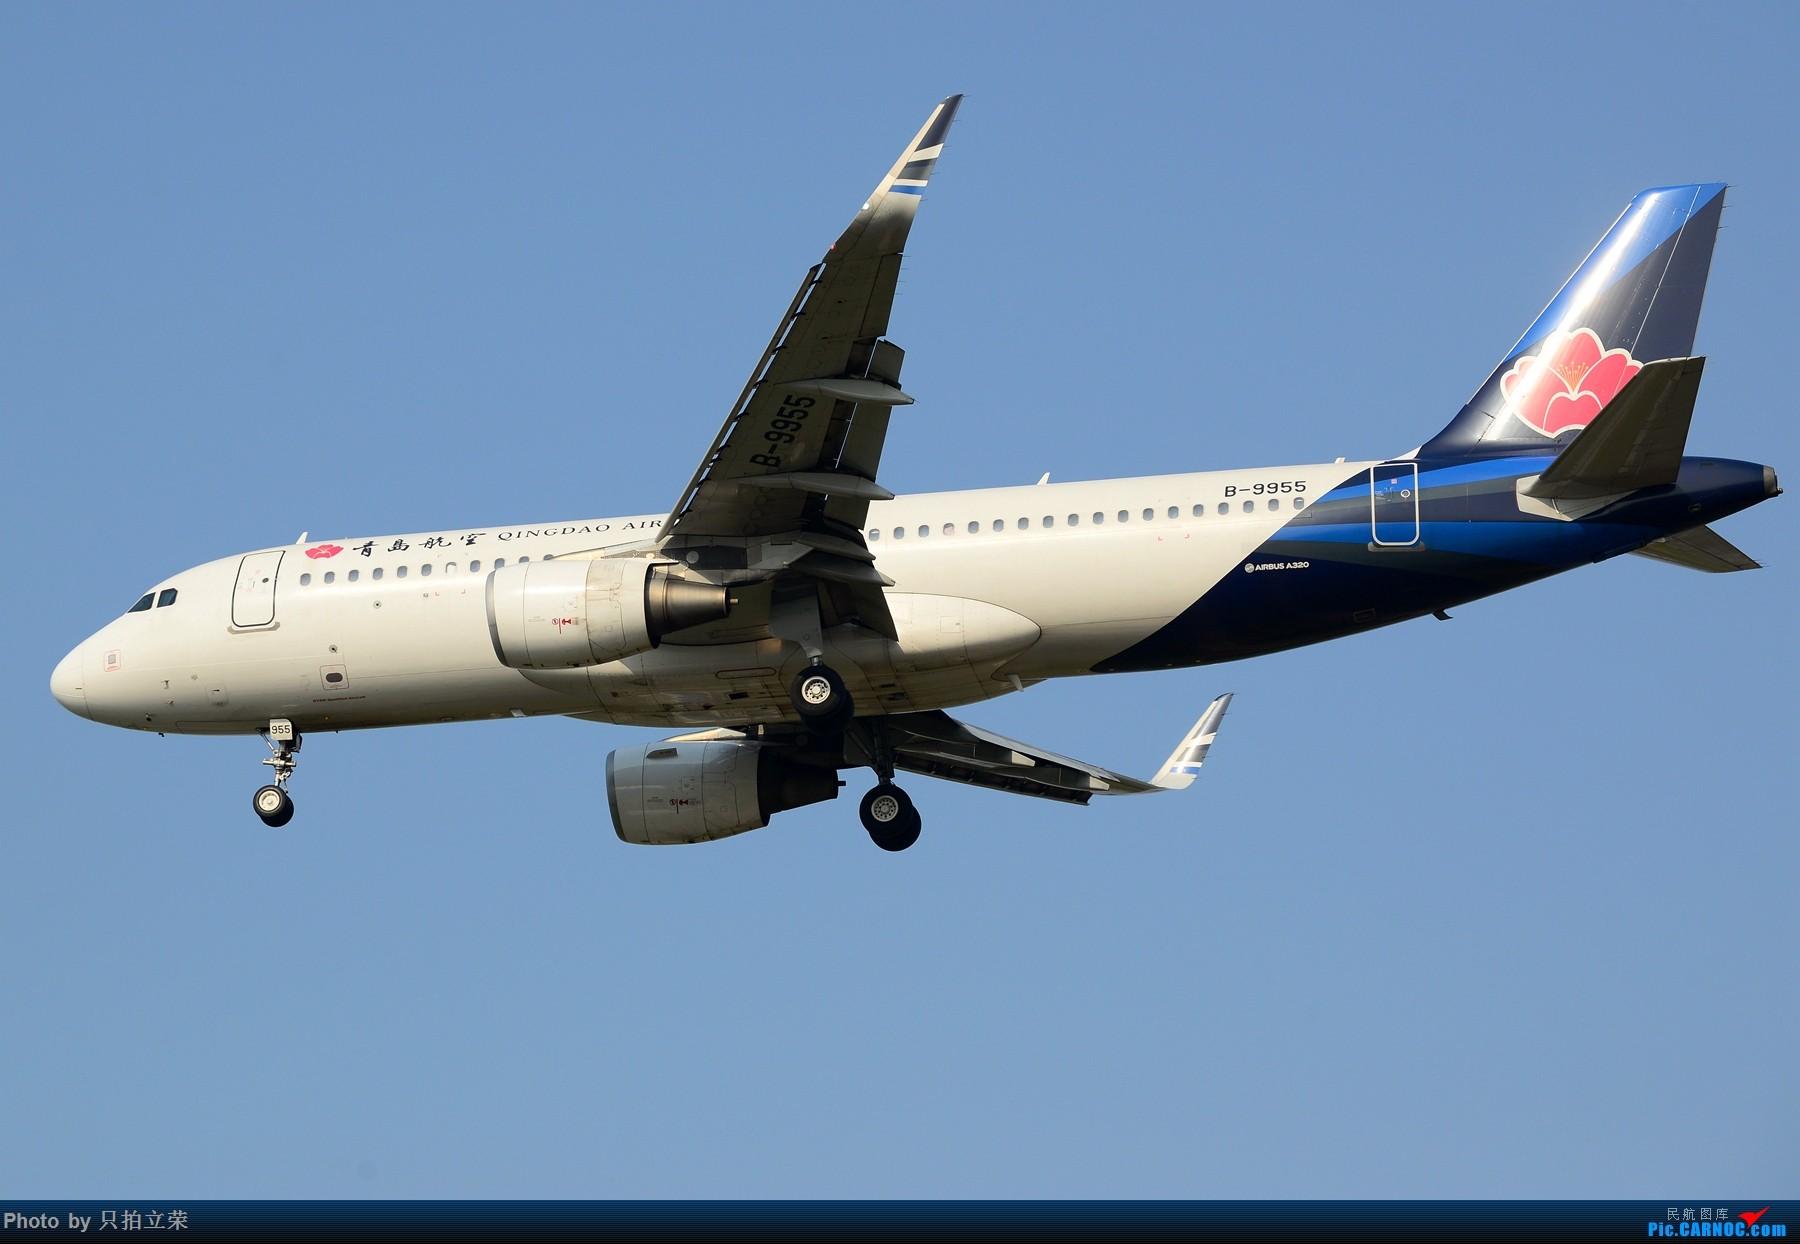 [原创]湖南飞友会:黄花机场首拍飞行的青岛航空,另外好天气不可辜负多送几张好飞机 AIRBUS A320-200 B-9955 中国长沙黄花国际机场